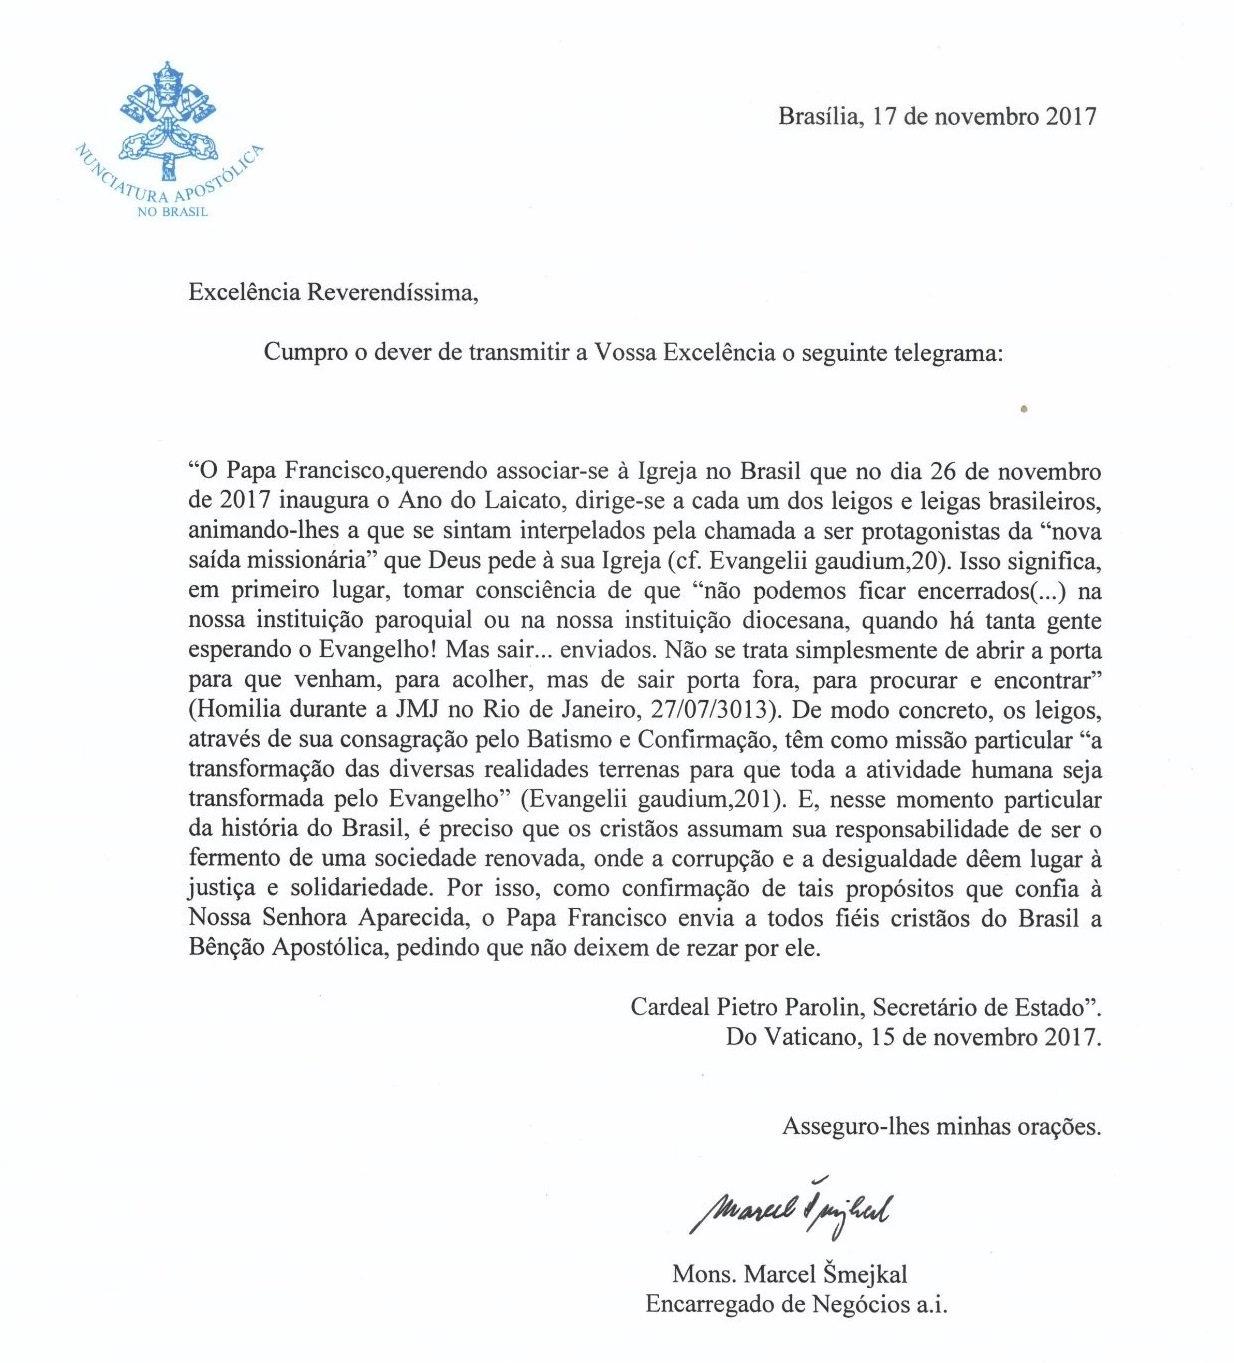 papa carta ano laicato